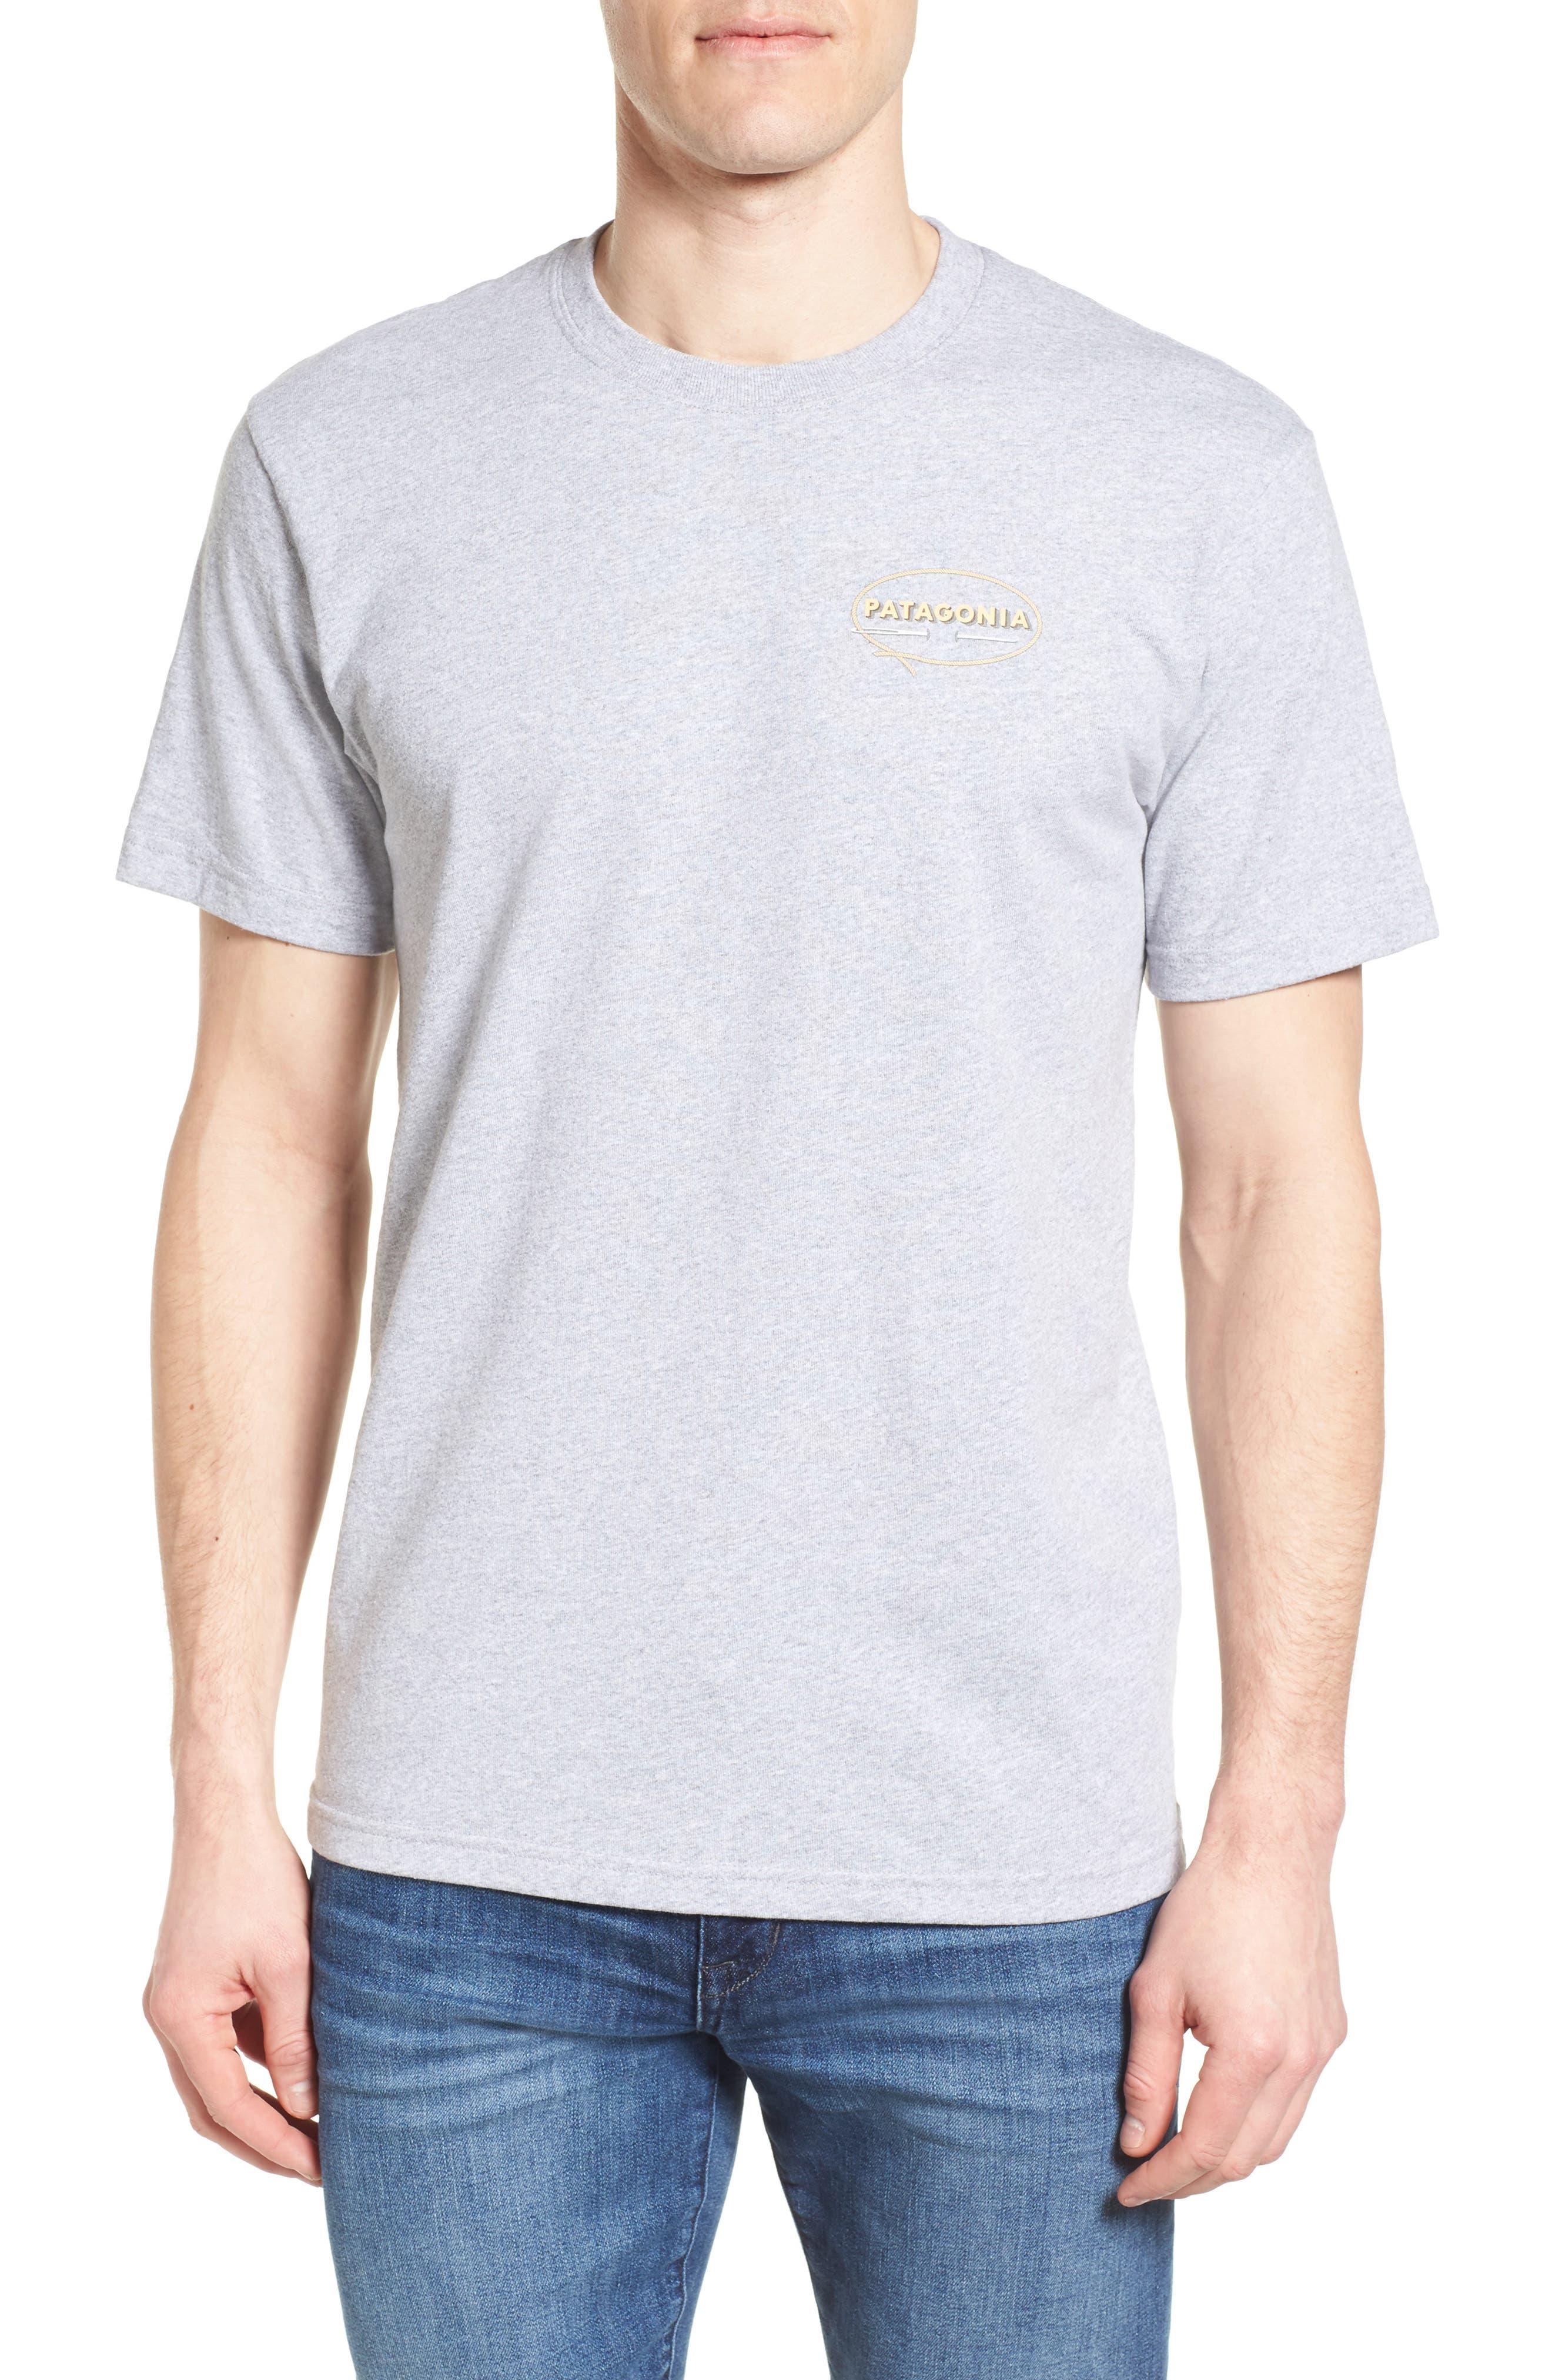 PATAGONIA Worn Wear Responsibili-Tee<sup>®</sup> Regular Fit T-Shirt